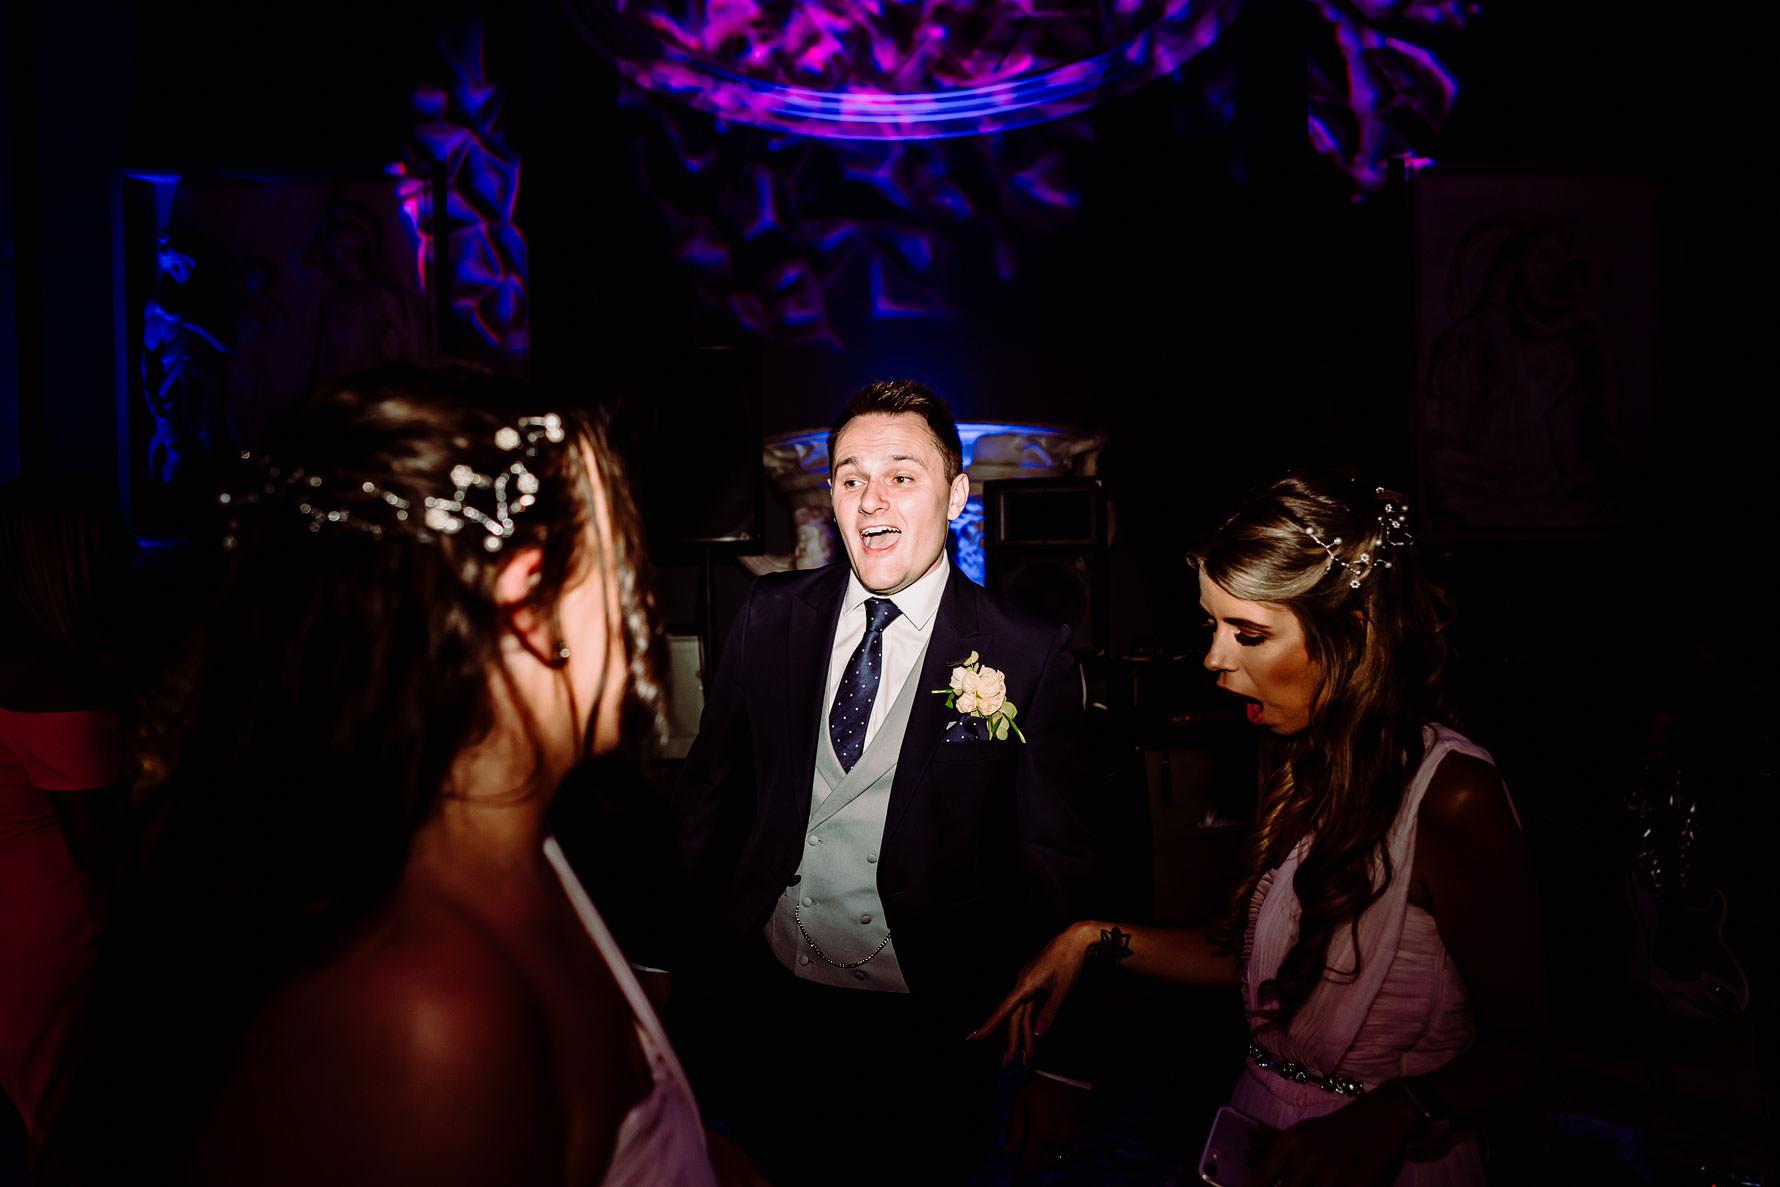 a groom having a dance